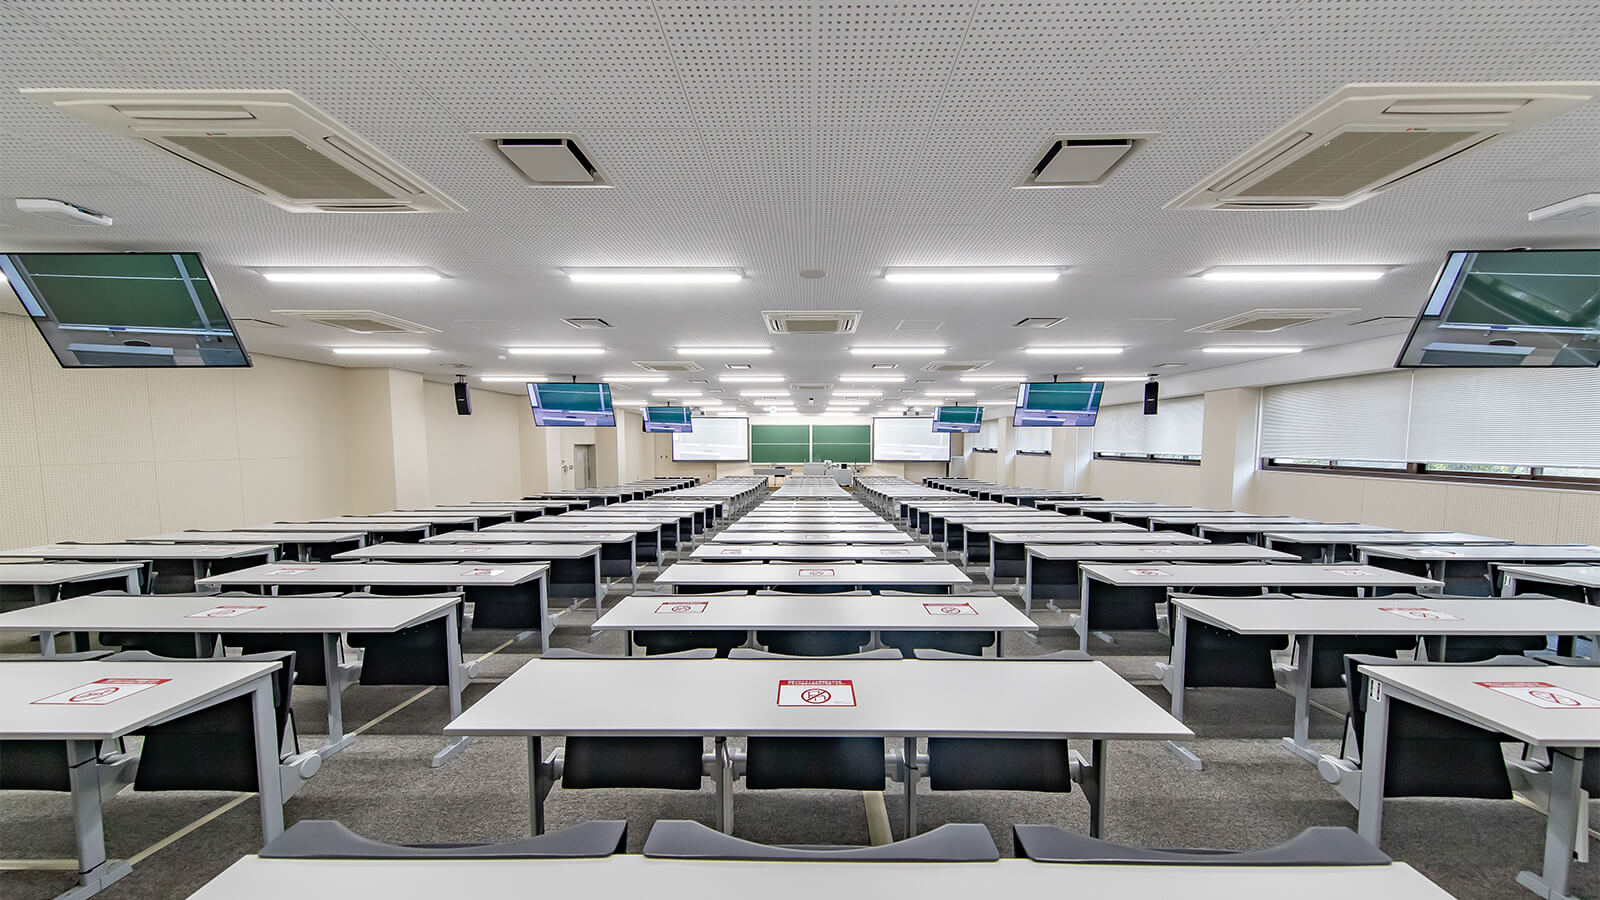 【大学】立命館大学様 | コロナ禍で急きょ迫られた遠隔授業対応 実質工程30日で約600教室の環境を構築 | MOTIV MVi、P300